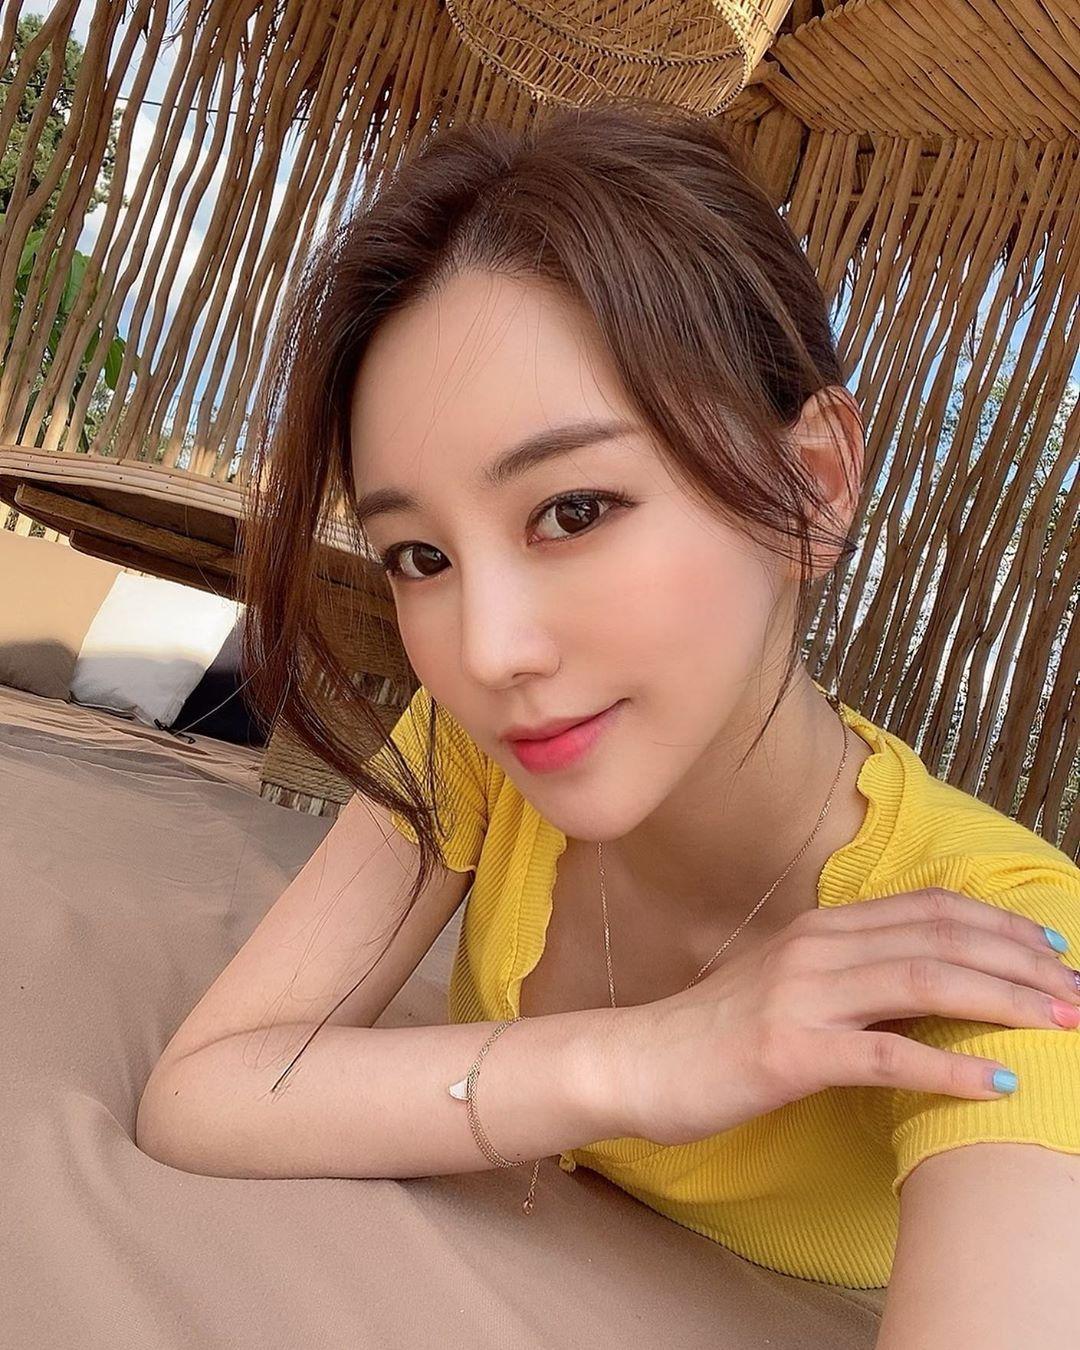 南韩前SBS体育美女主播黄宝美(황보미) 养眼图片 第2张